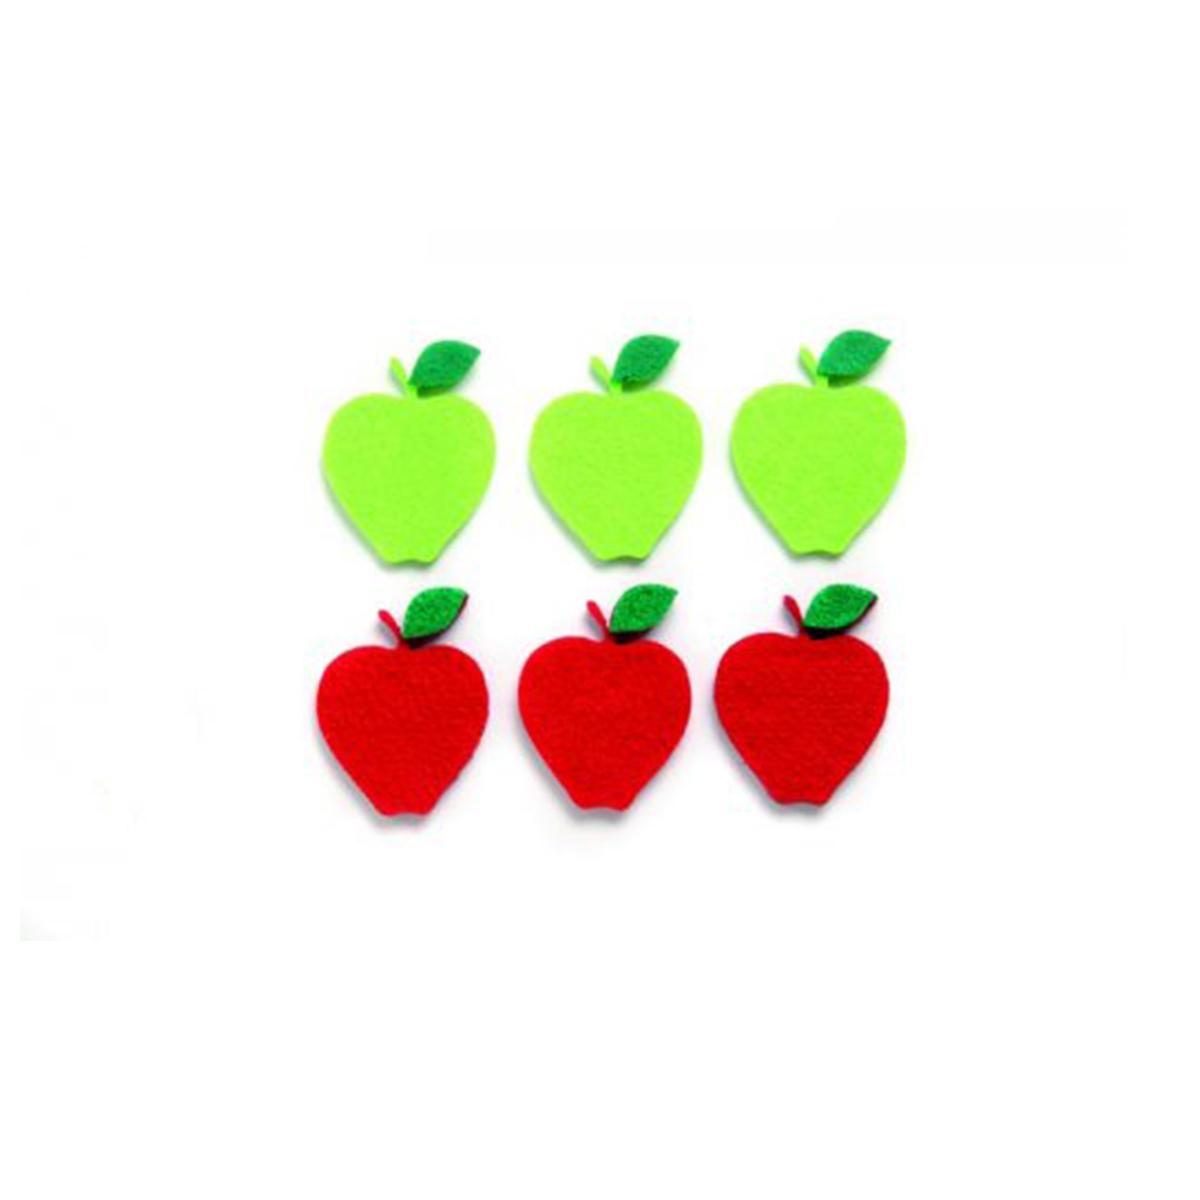 Фигурки из фетра Glorex Яблоки, цвет: красный, зеленый, 4,5 см, 6 штNLED-454-9W-BKФетр пользуется большой популярностью среди рукодельниц. Его любят за эстетичный вид, практичность и отличную текстуру. Из данного материала вашему вниманию предлагаются заготовки Glorex. Широкое разнообразие цветов и форм поможет реализовать творческие задумки и гармоничным образом дополнить ваше творение. Из фетра можно создавать обложки для книг, ежедневников, игрушки, декоративные чехлы для подушек и многое, многое другое.